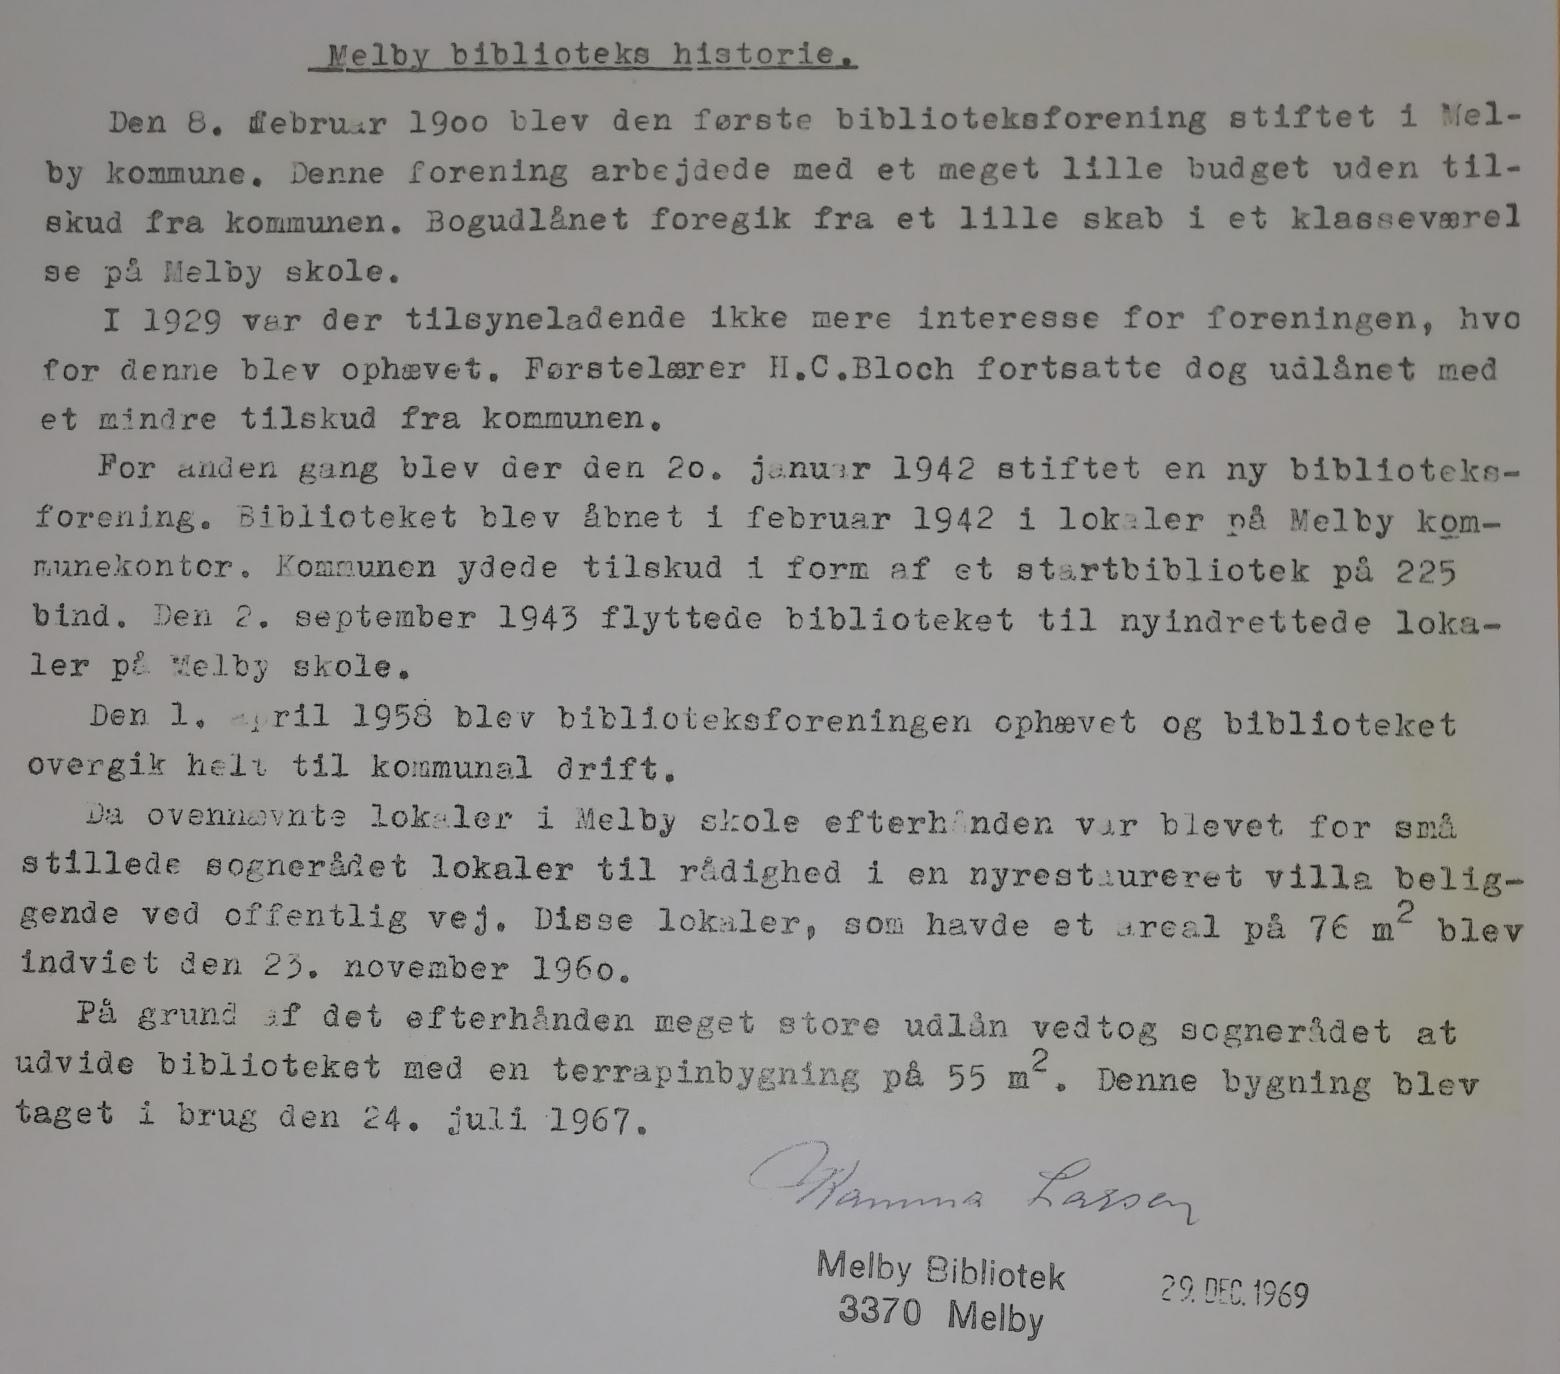 Fortælling om Melby Biblioteks historie - skrevet af Kamma Larsen d. 29. dec. 1969